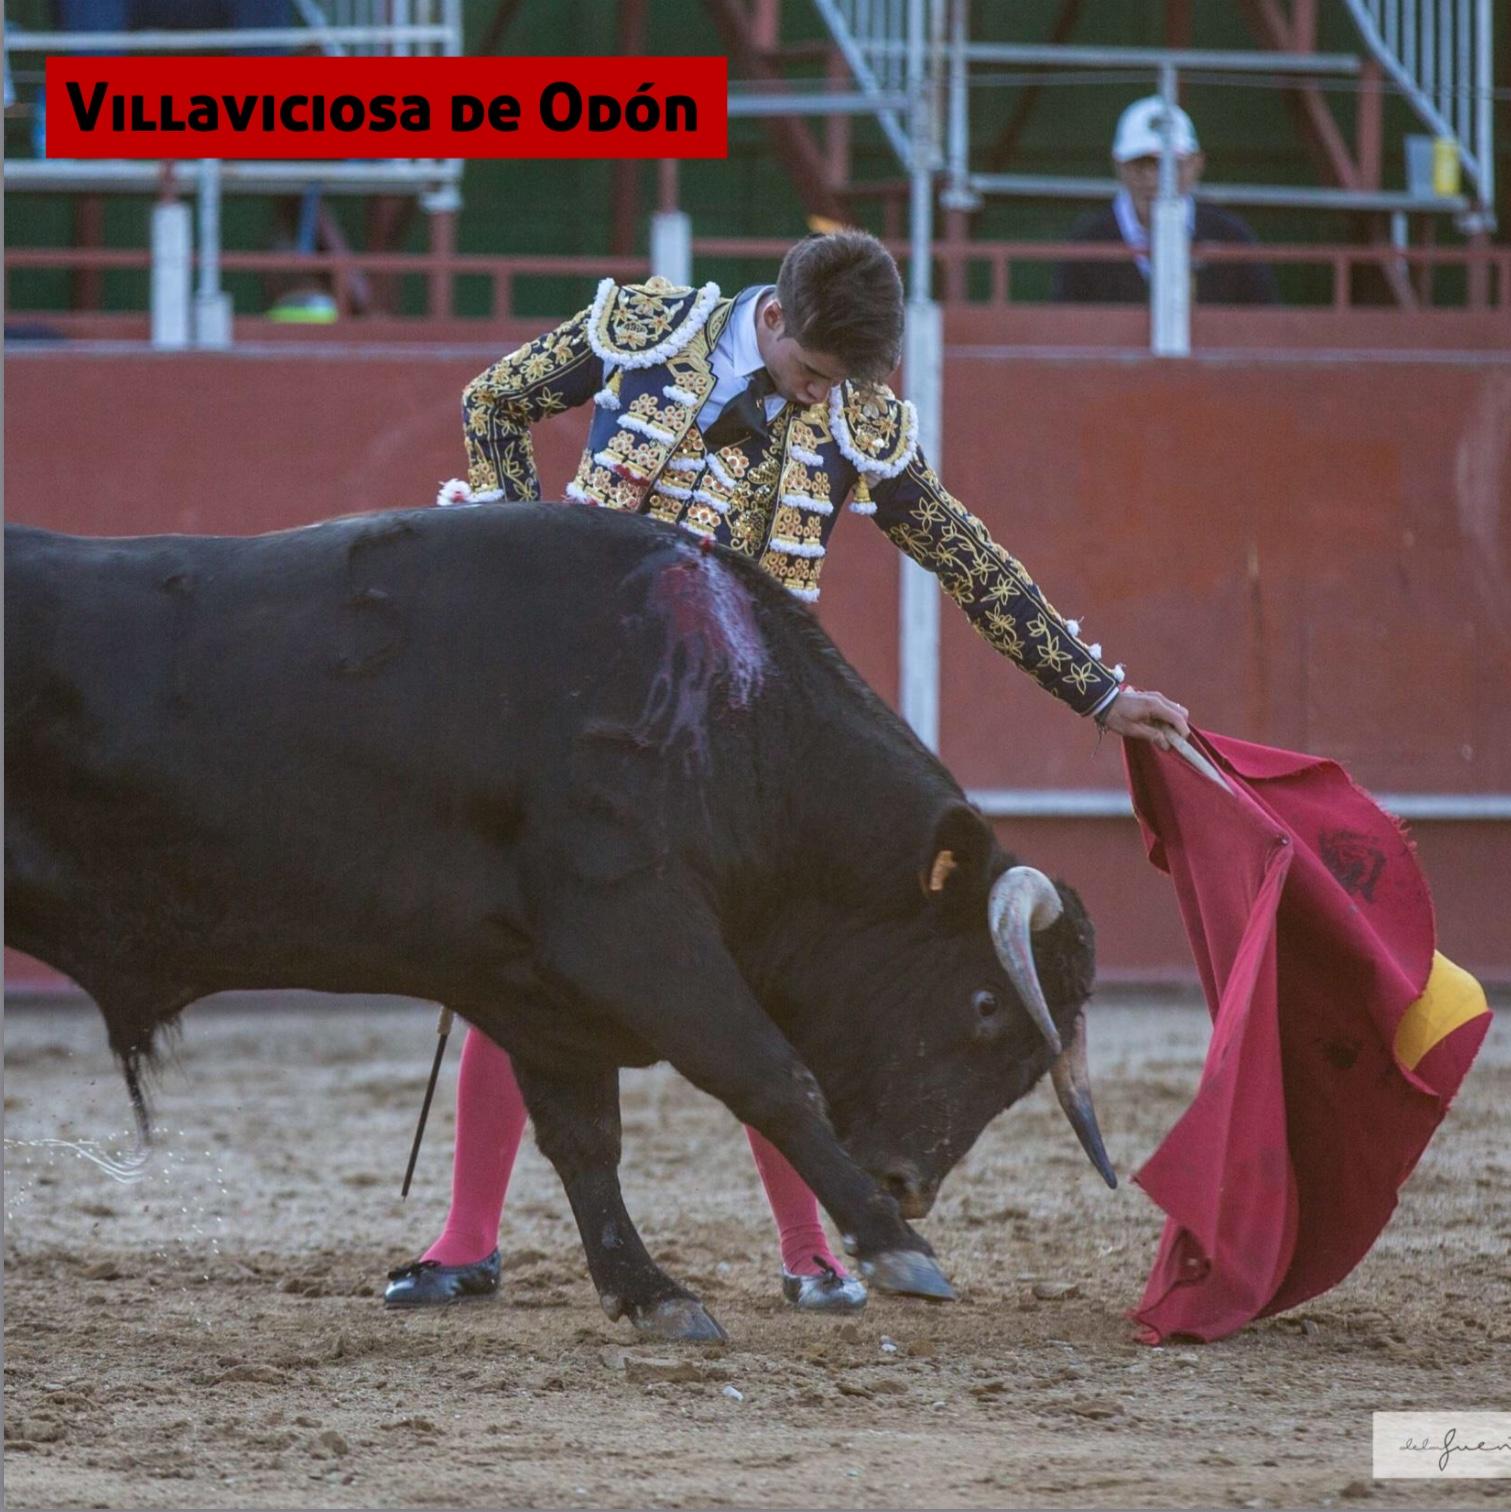 Villaviciosa de Odón 19/09/2017